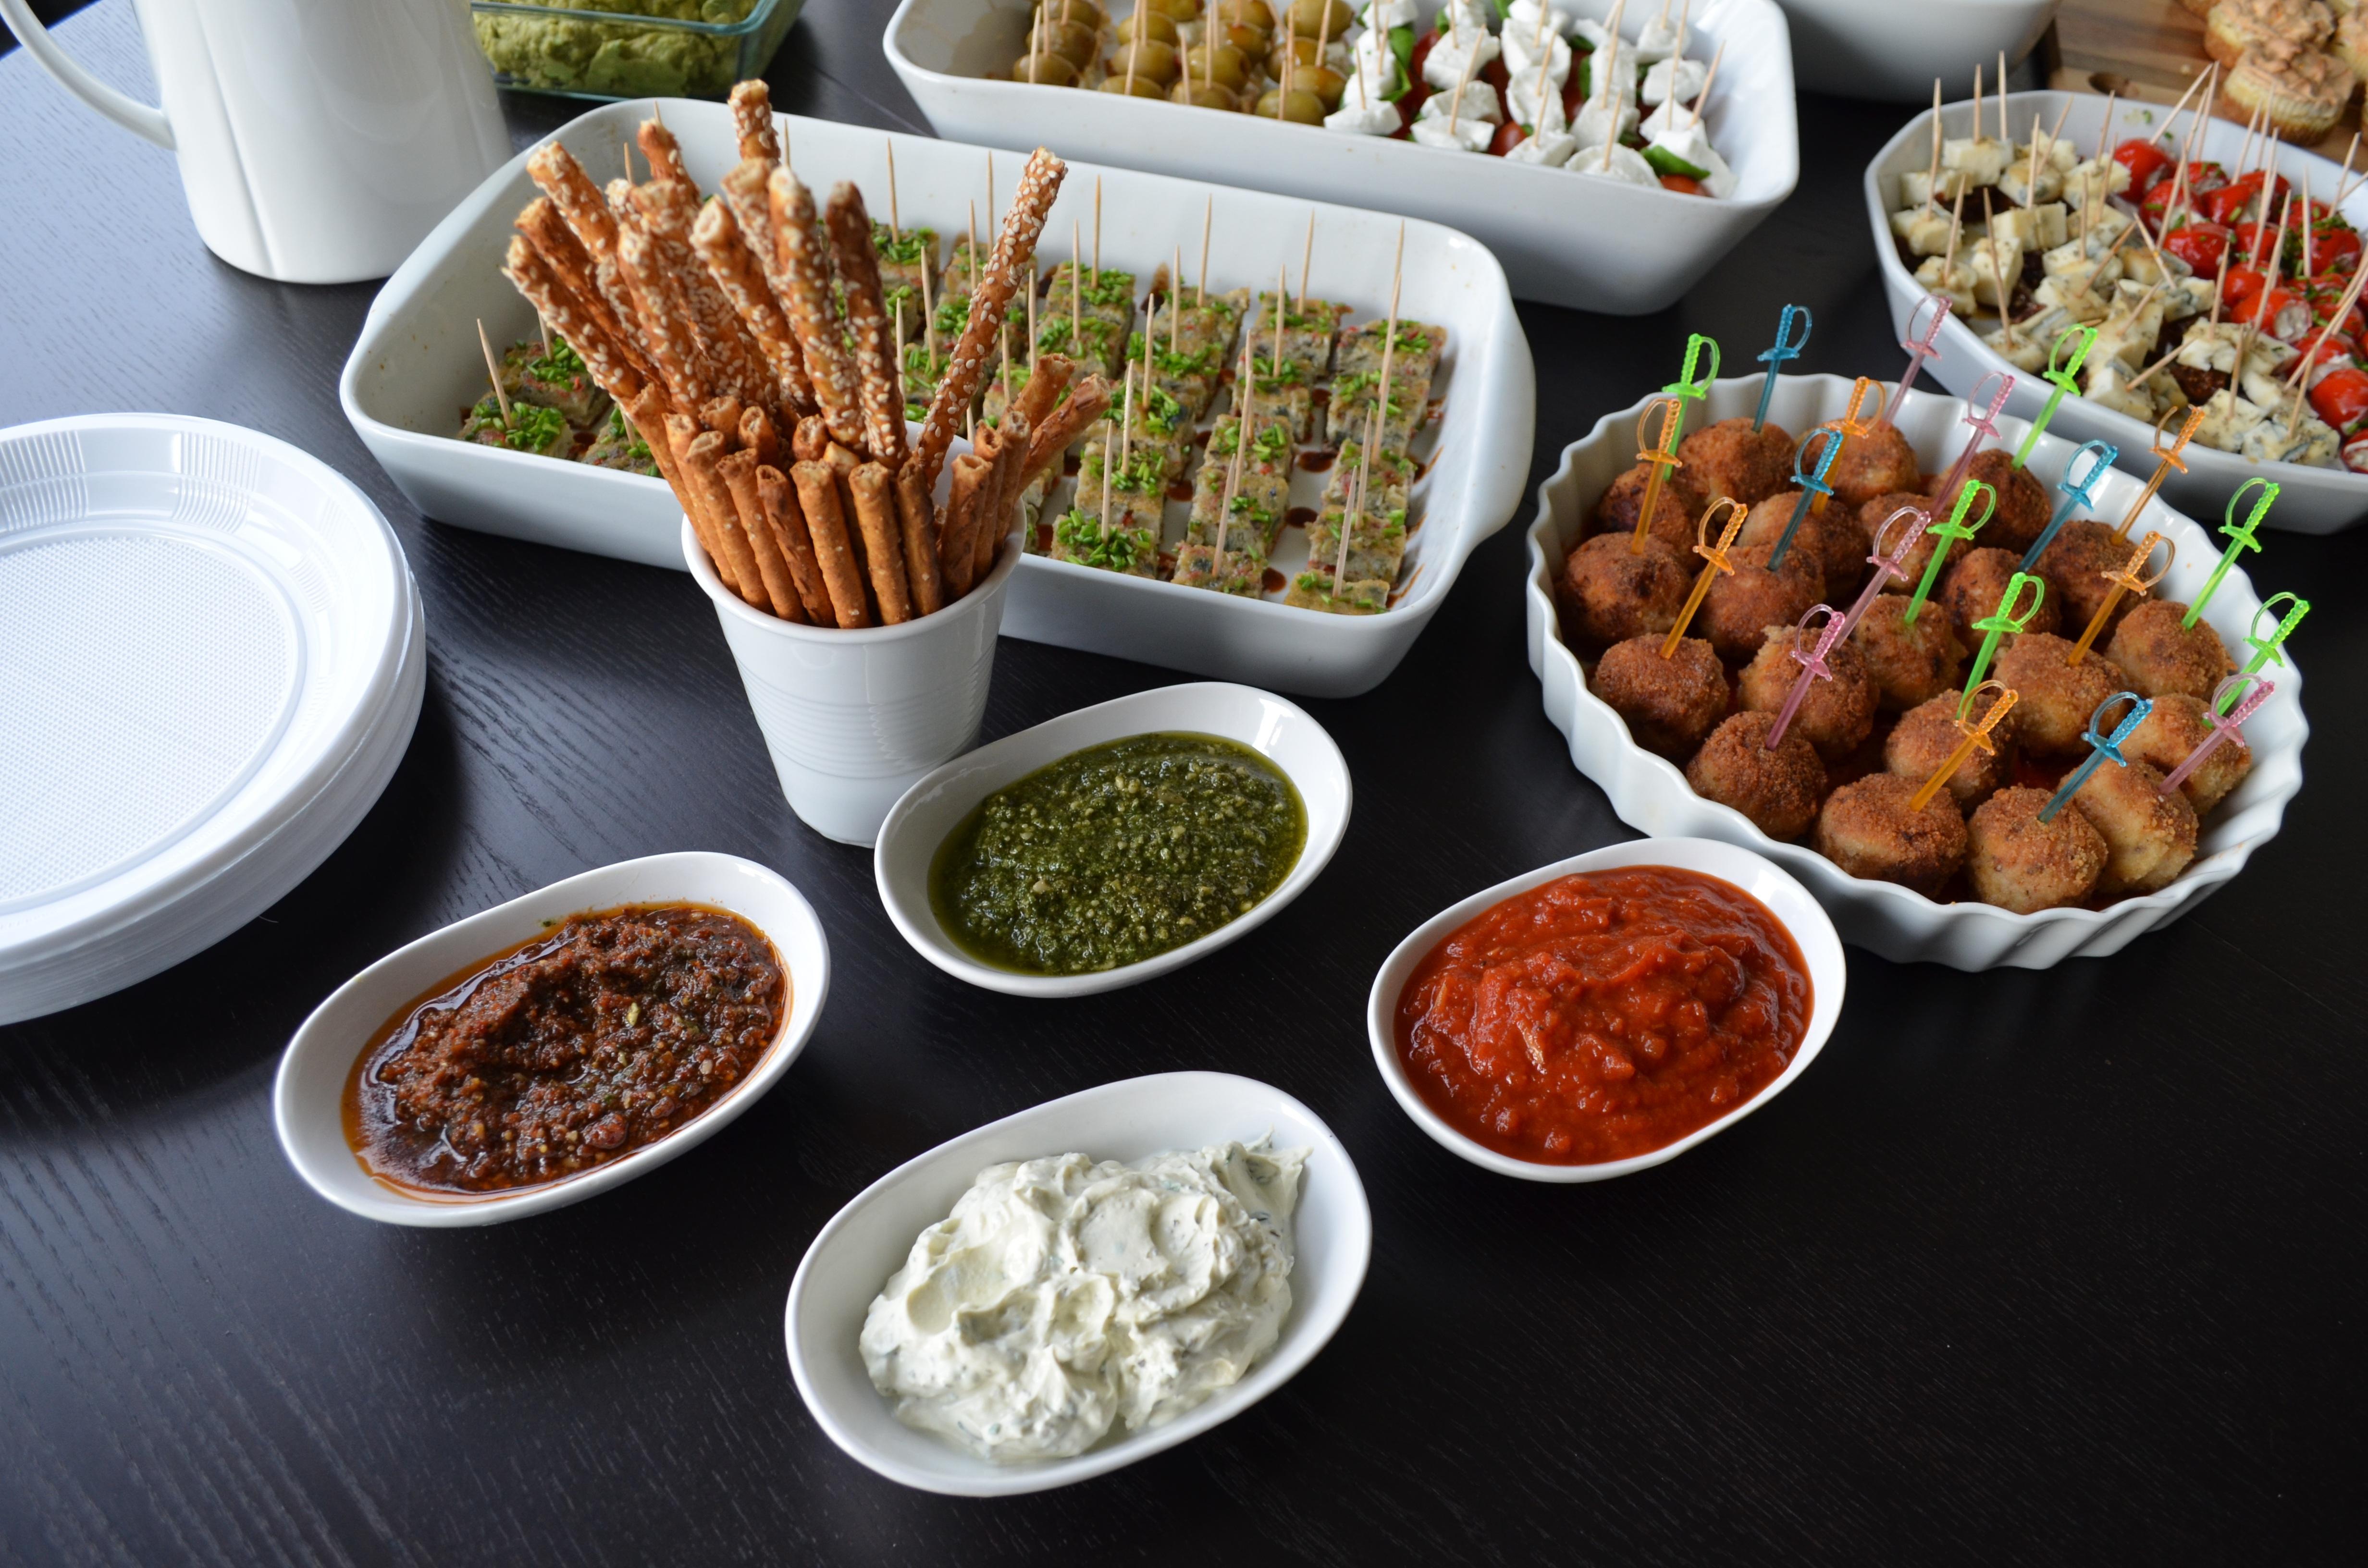 Gambar Perayaan Hidangan Sarapan Makan Siang Masakan Lezat